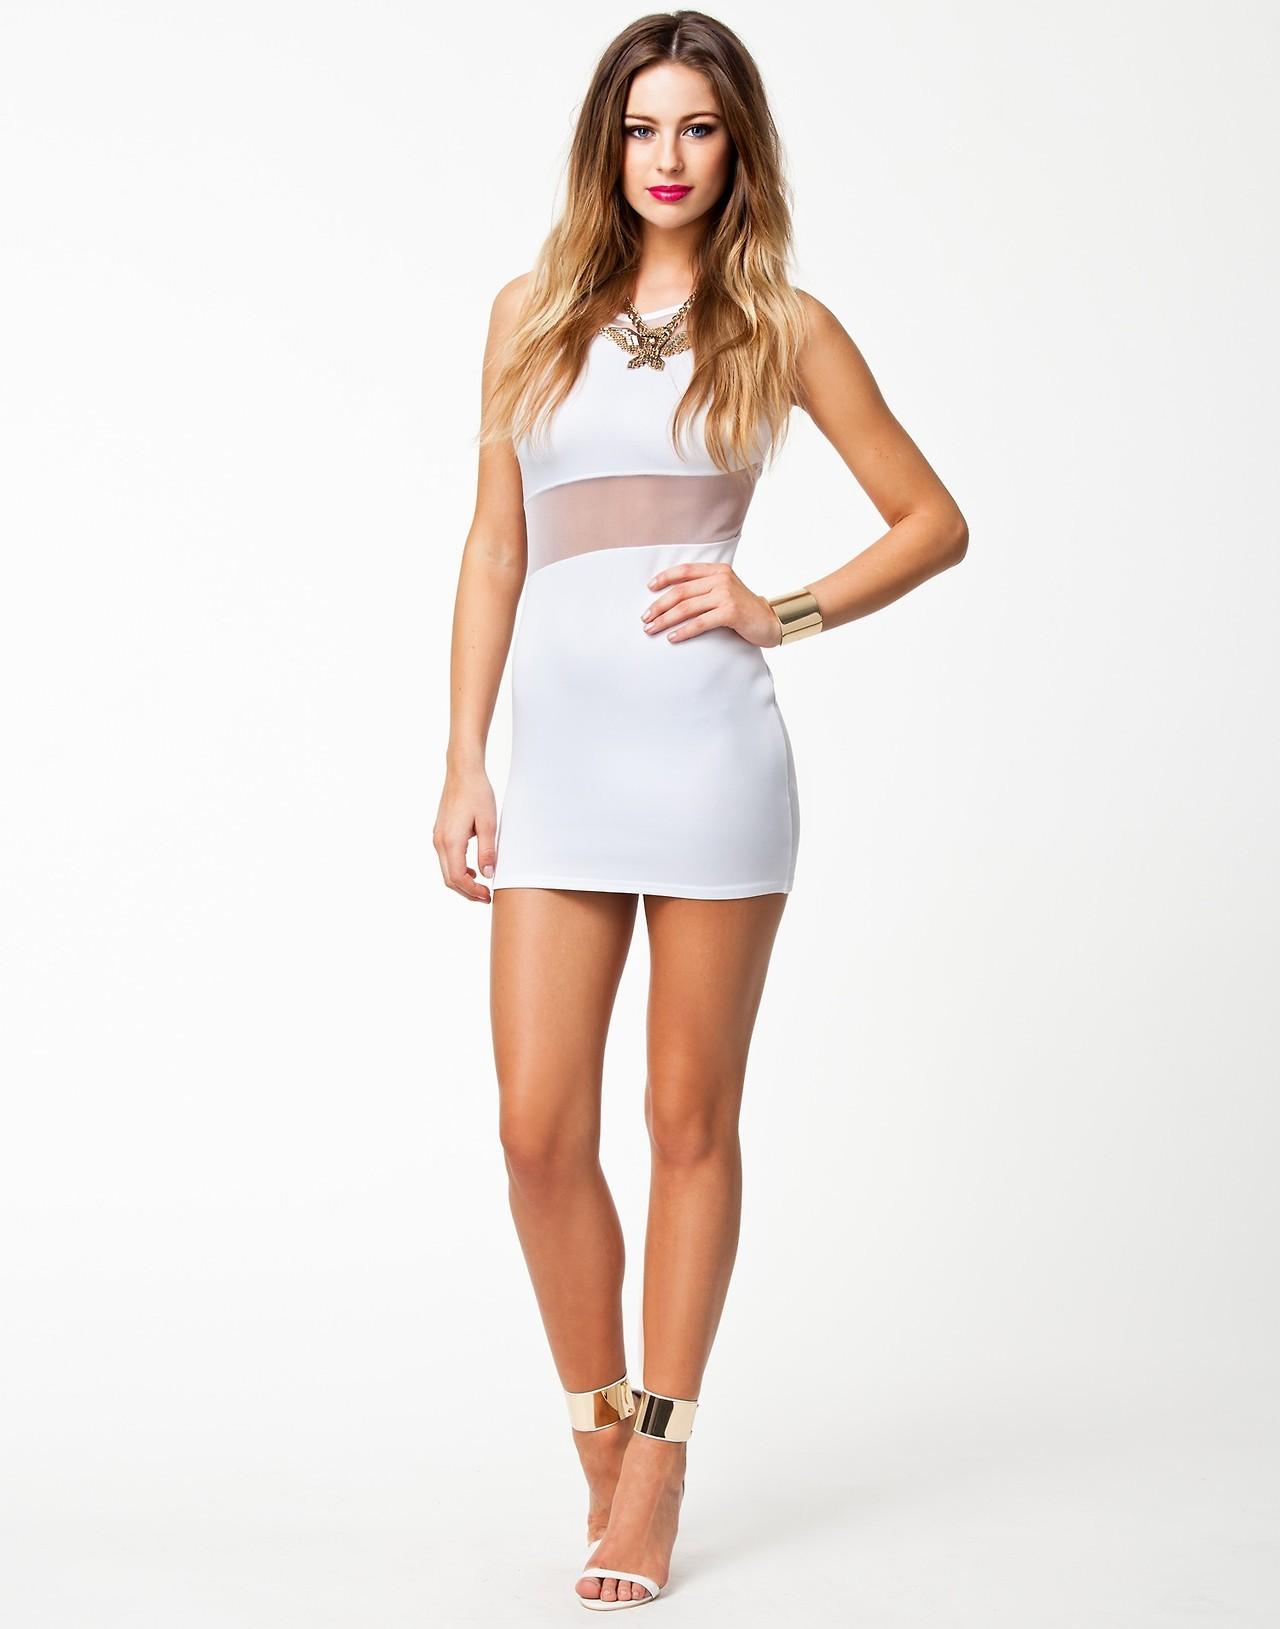 Modelo vestido de blanco